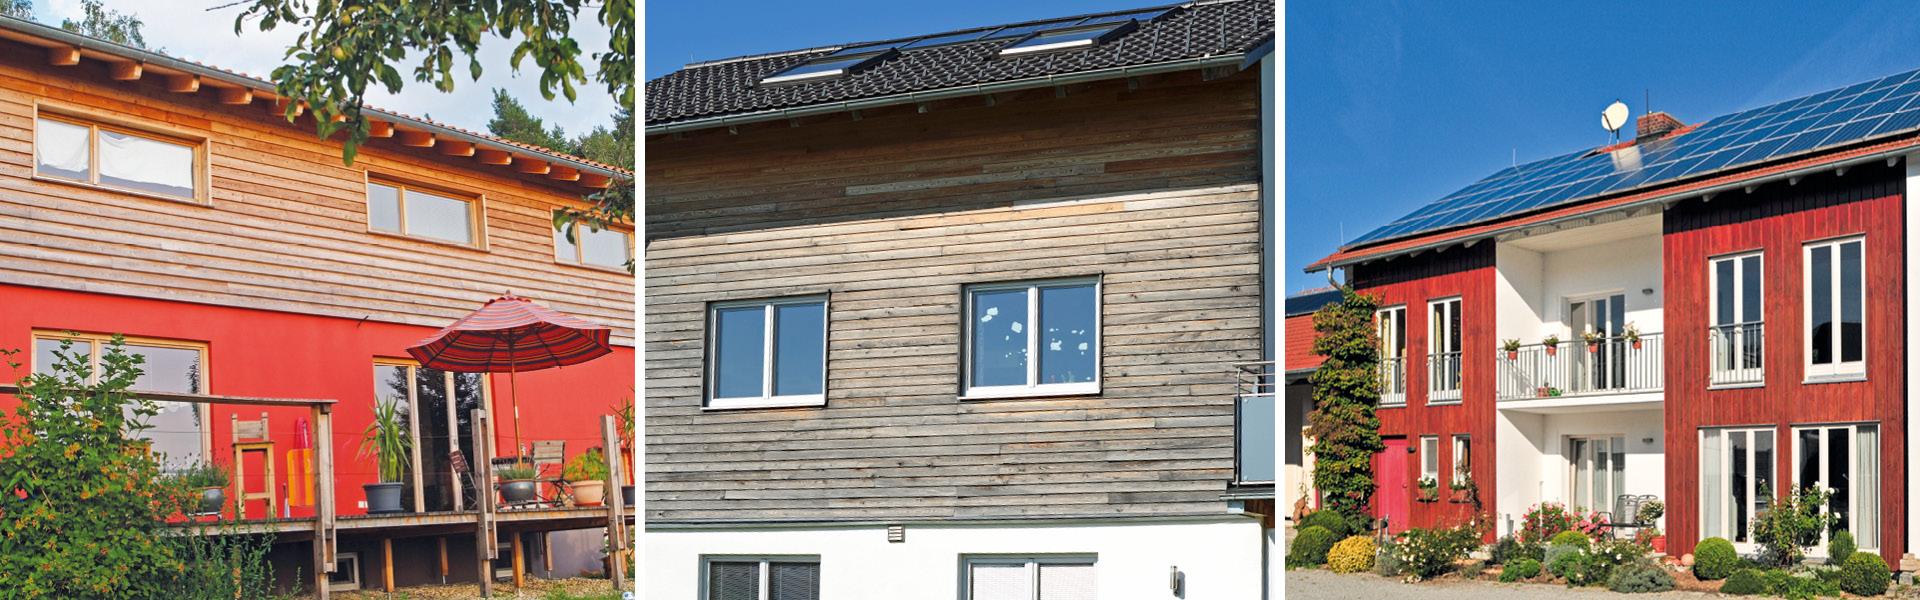 Foto-Collage mit verschiedenen Um- und Anbau Projekte von Brunthaler mit Holzfassaden